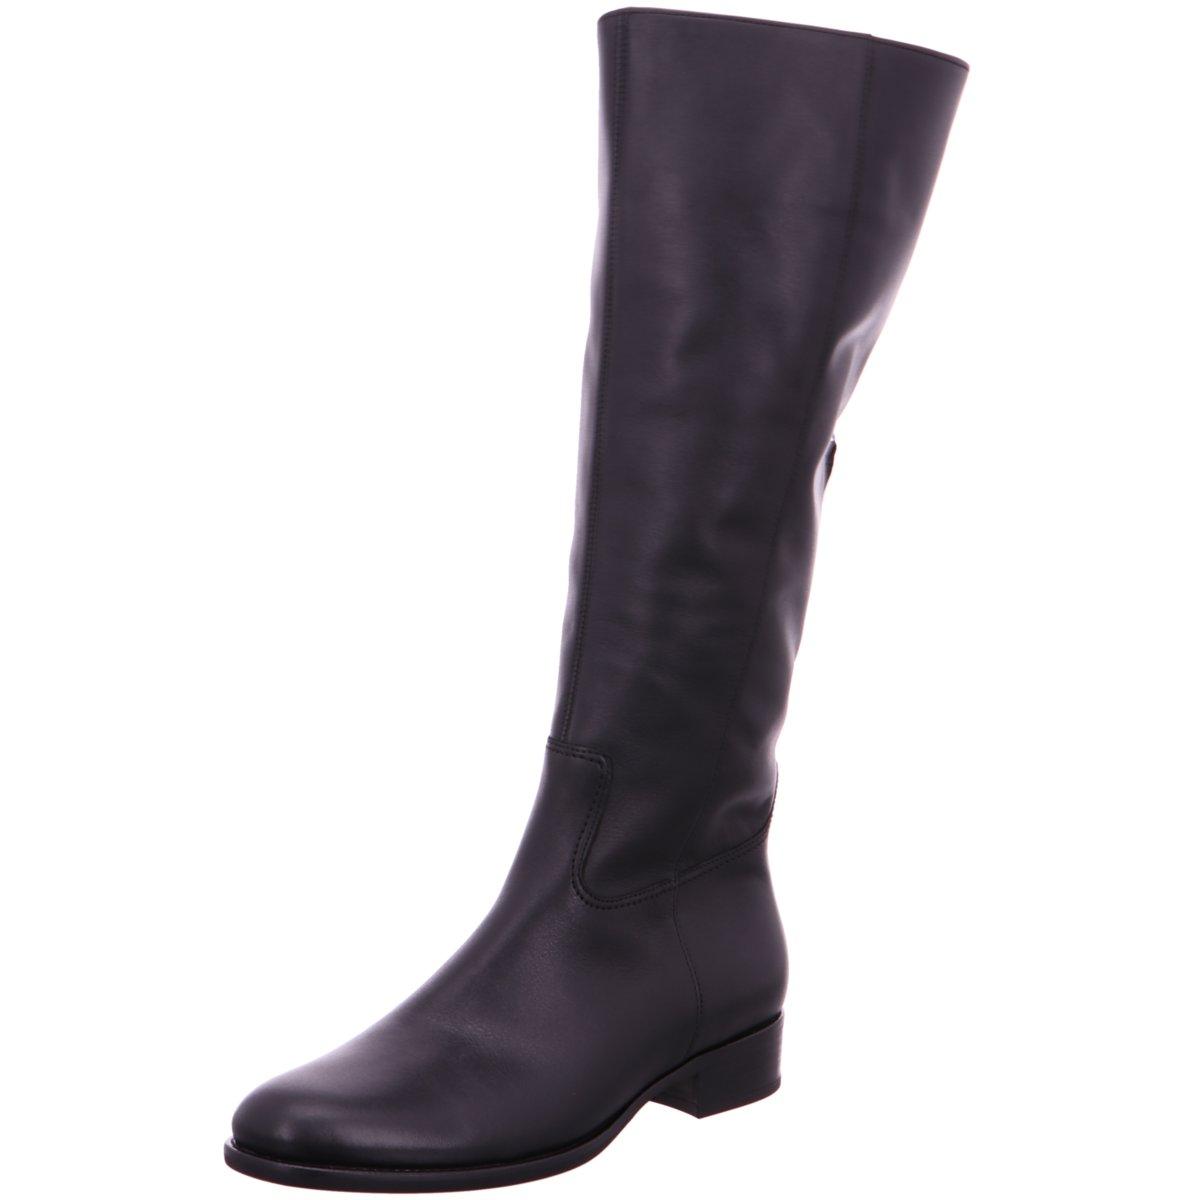 Gabor Gabor Gabor Damen Stiefel 71.645-27 schwarz 347127  hohe Qualität